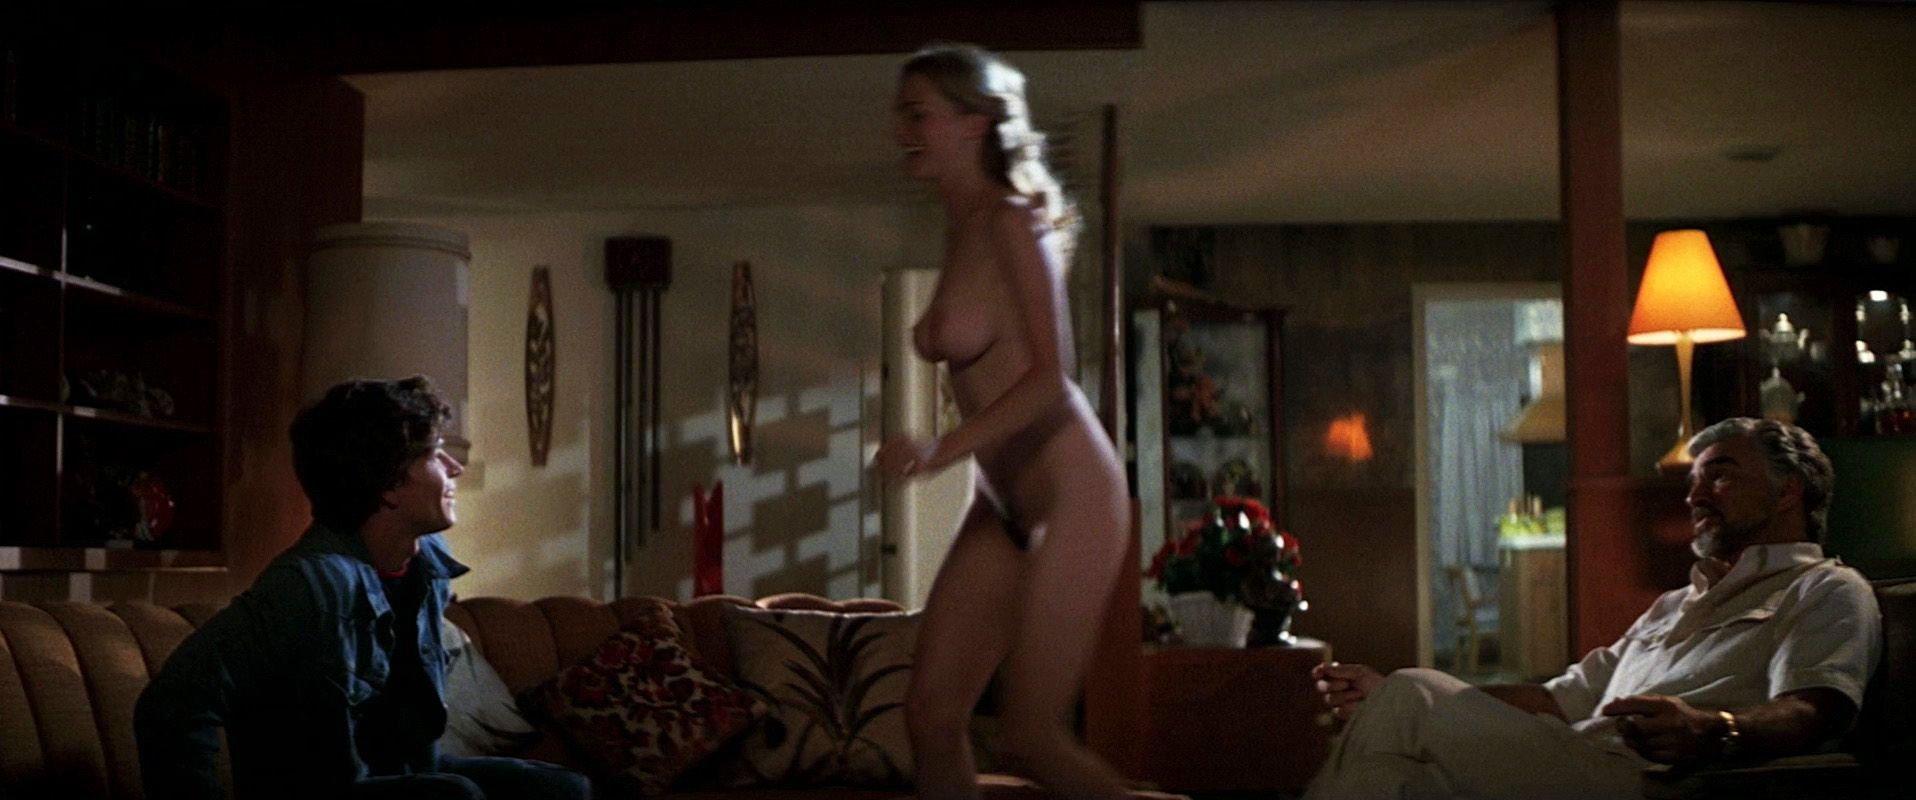 filmi-s-otkritimi-stsenami-seksa